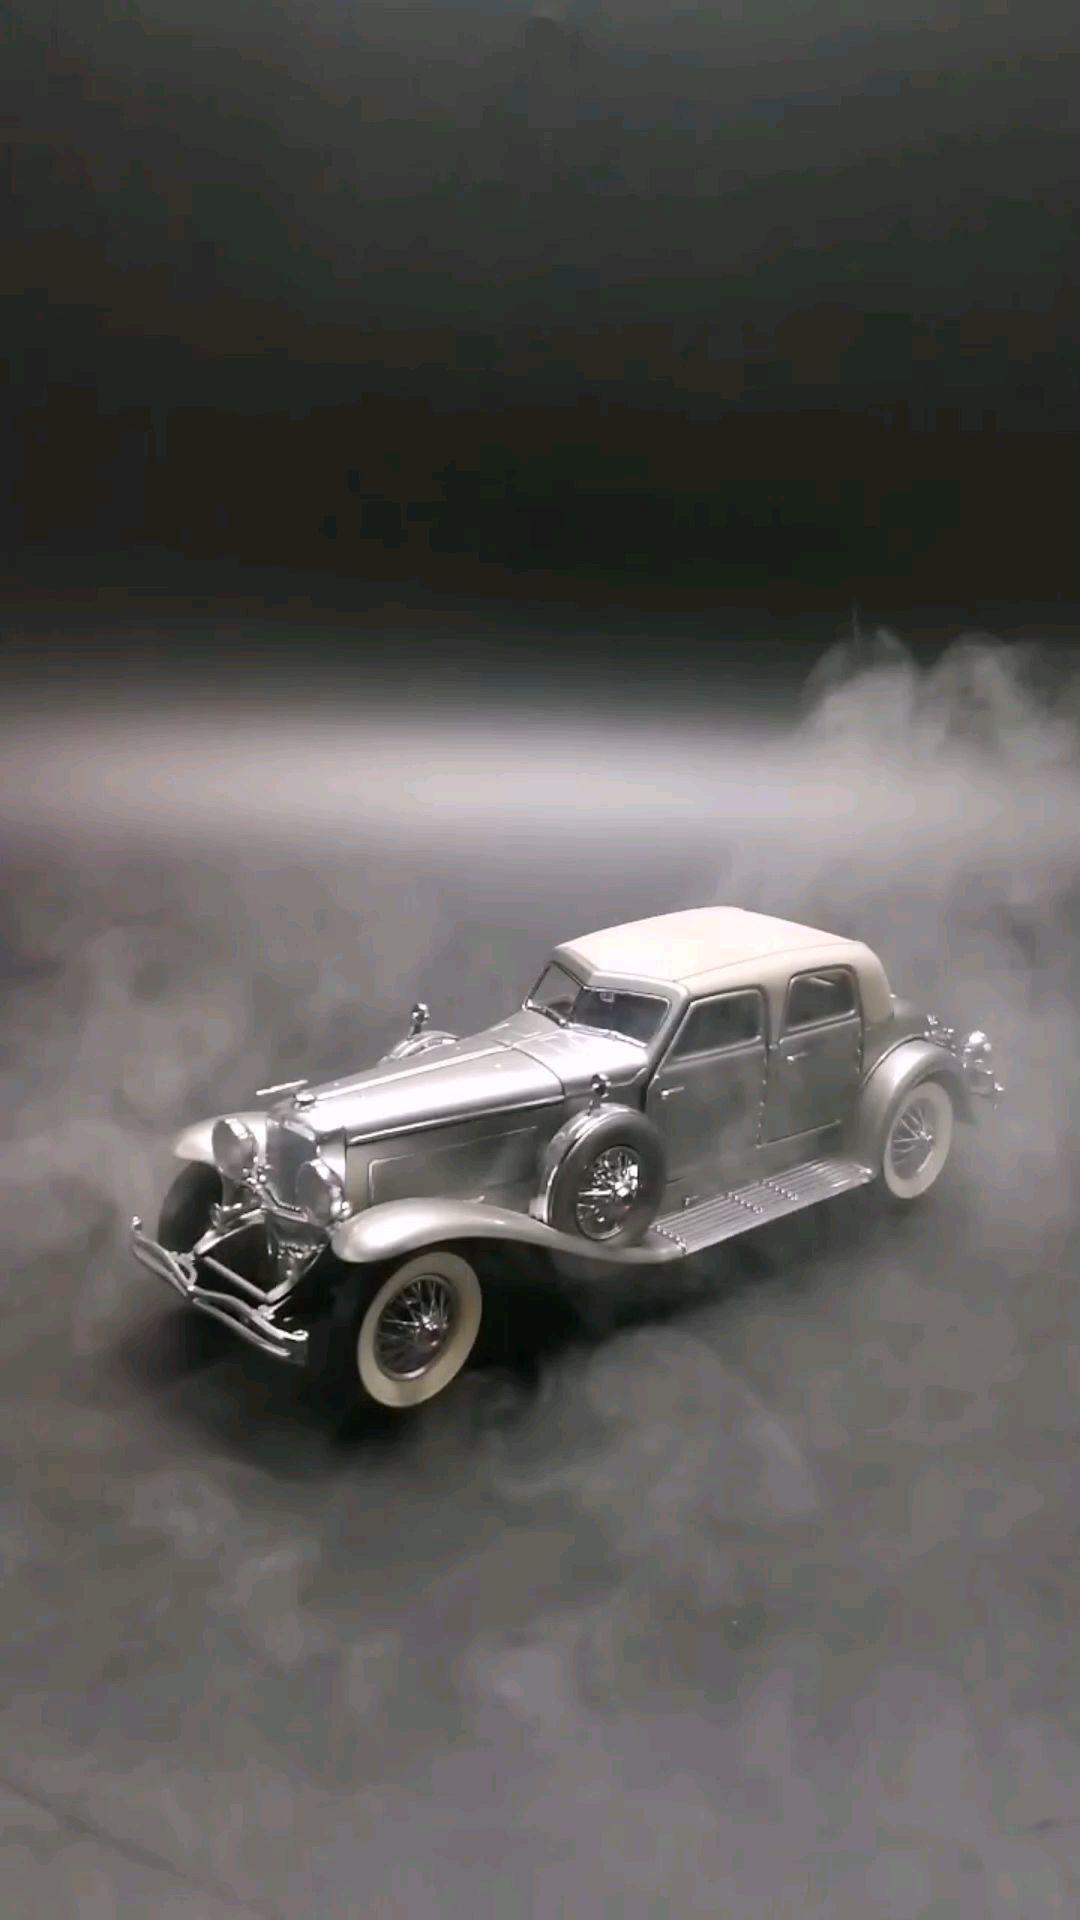 1933求盛伯格SJ轿跑车,有美国的劳斯莱斯之称,1:24,东晓汽车模型收藏馆藏品。